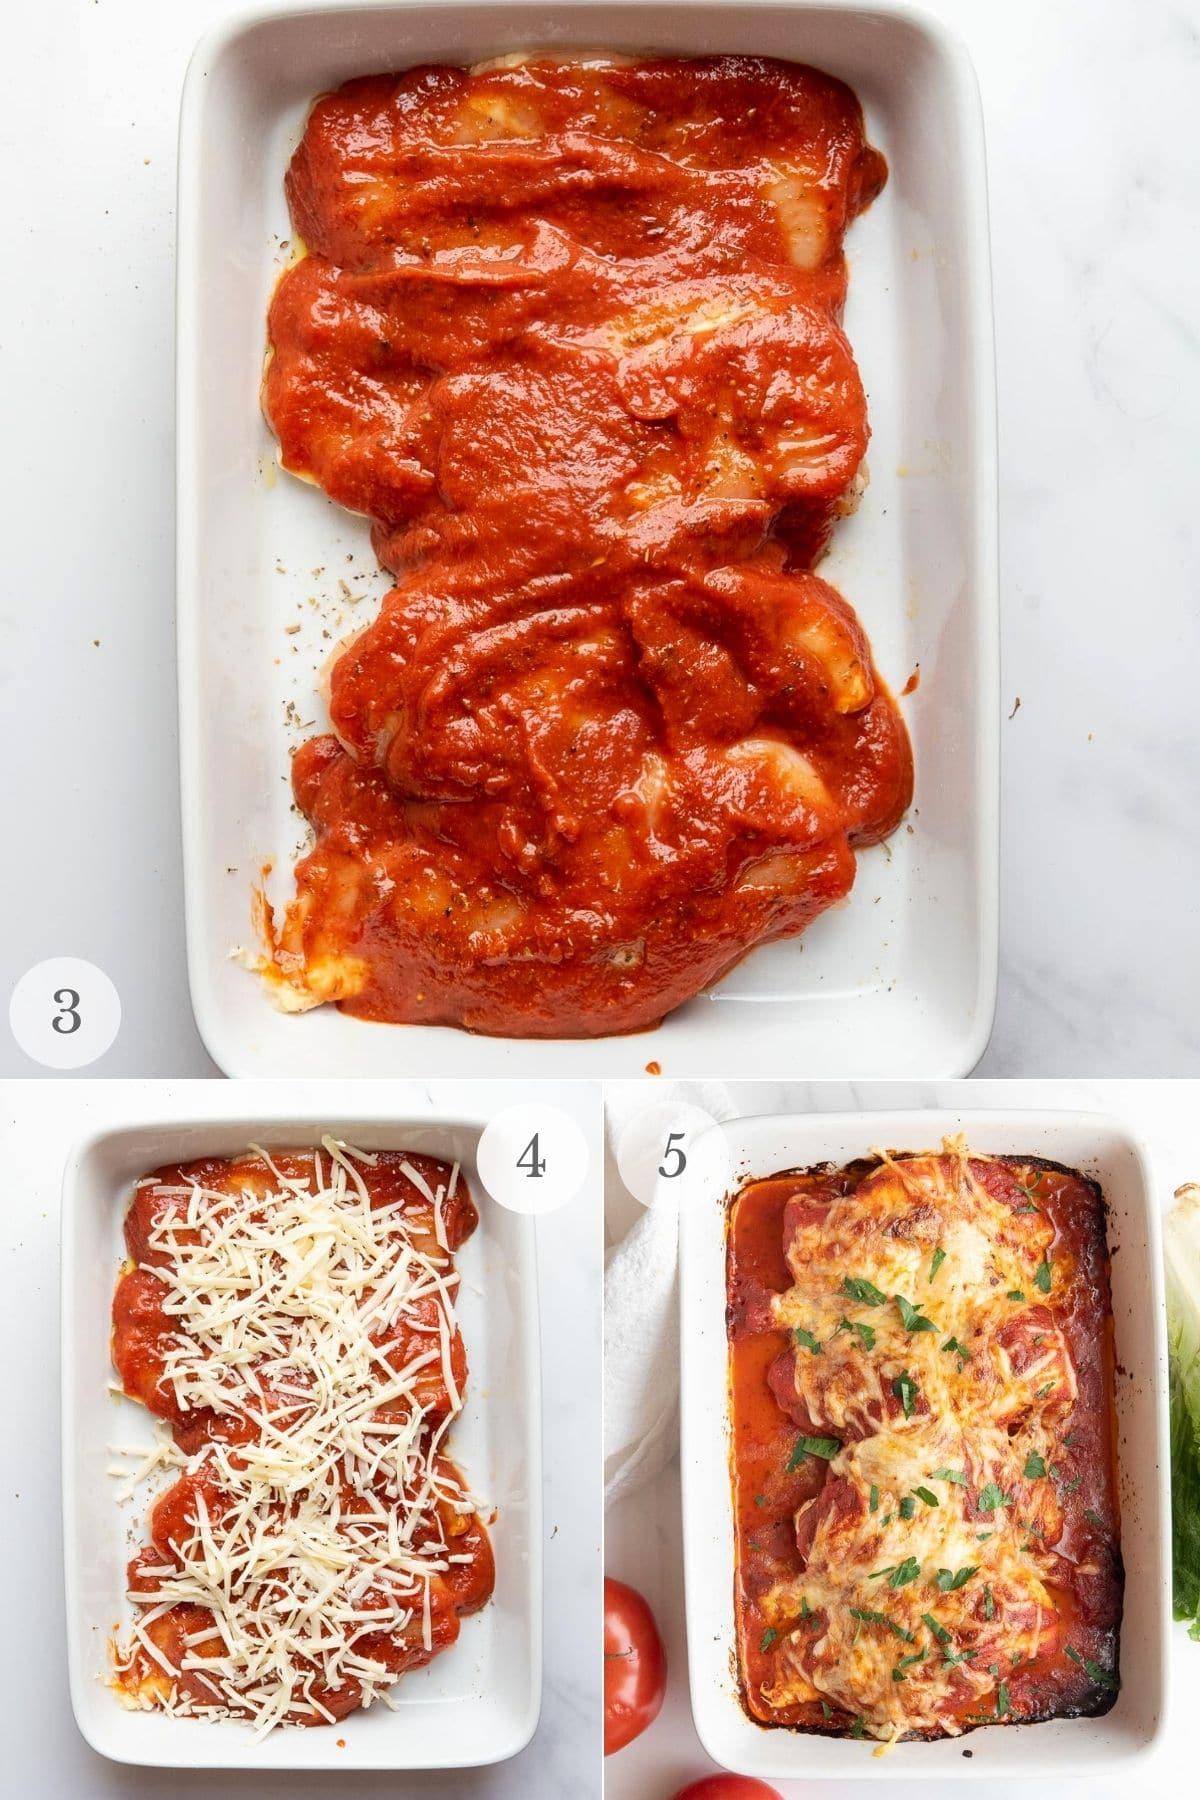 mozzarella chicken recipe steps 3-5